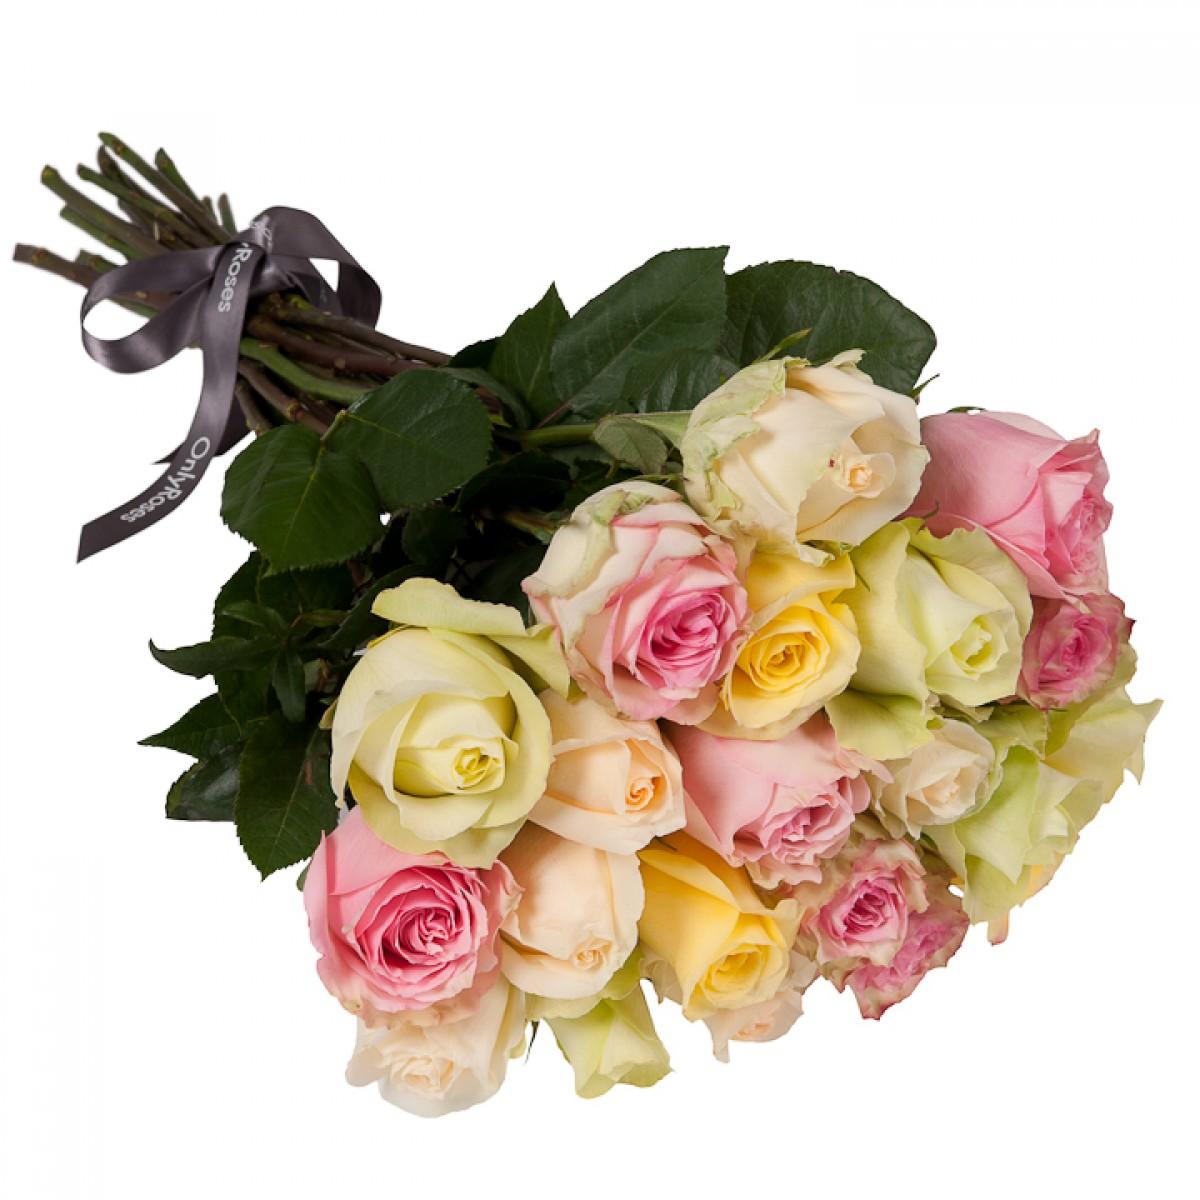 Букет от 25 до 51 рози в рози в пастелна гама (ти избираш броя)